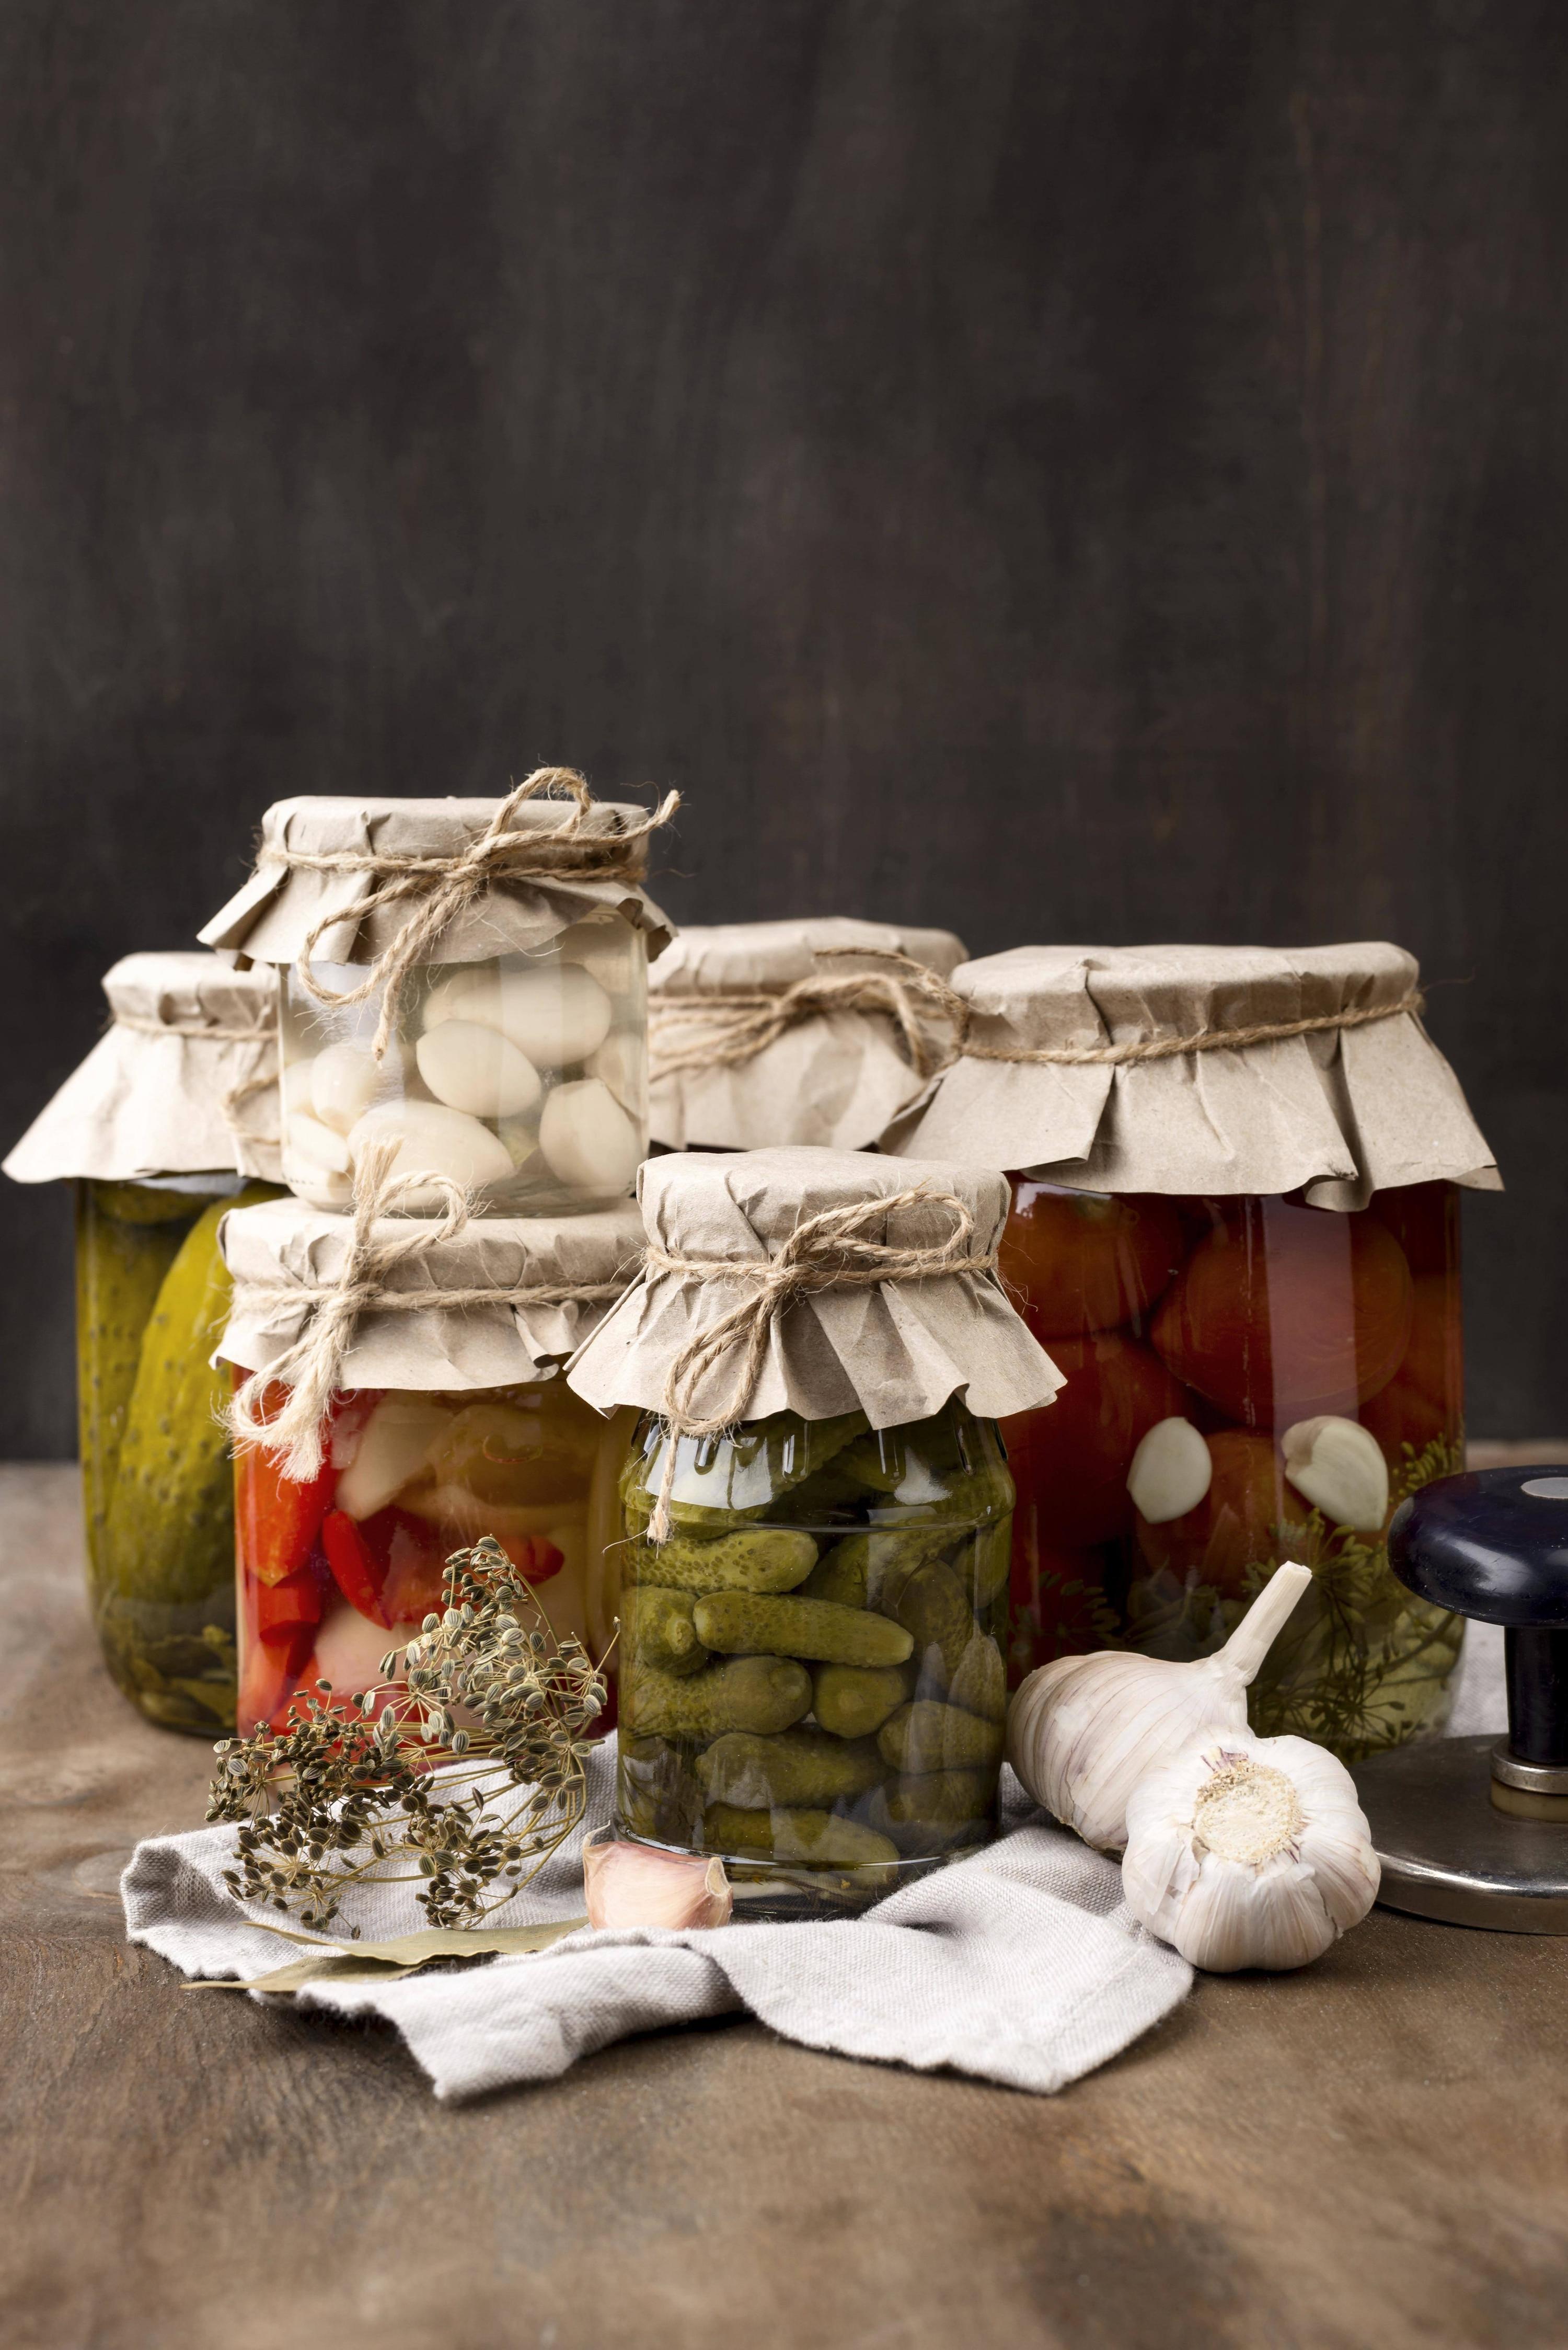 El mejor escabeche de verduras de tu vida